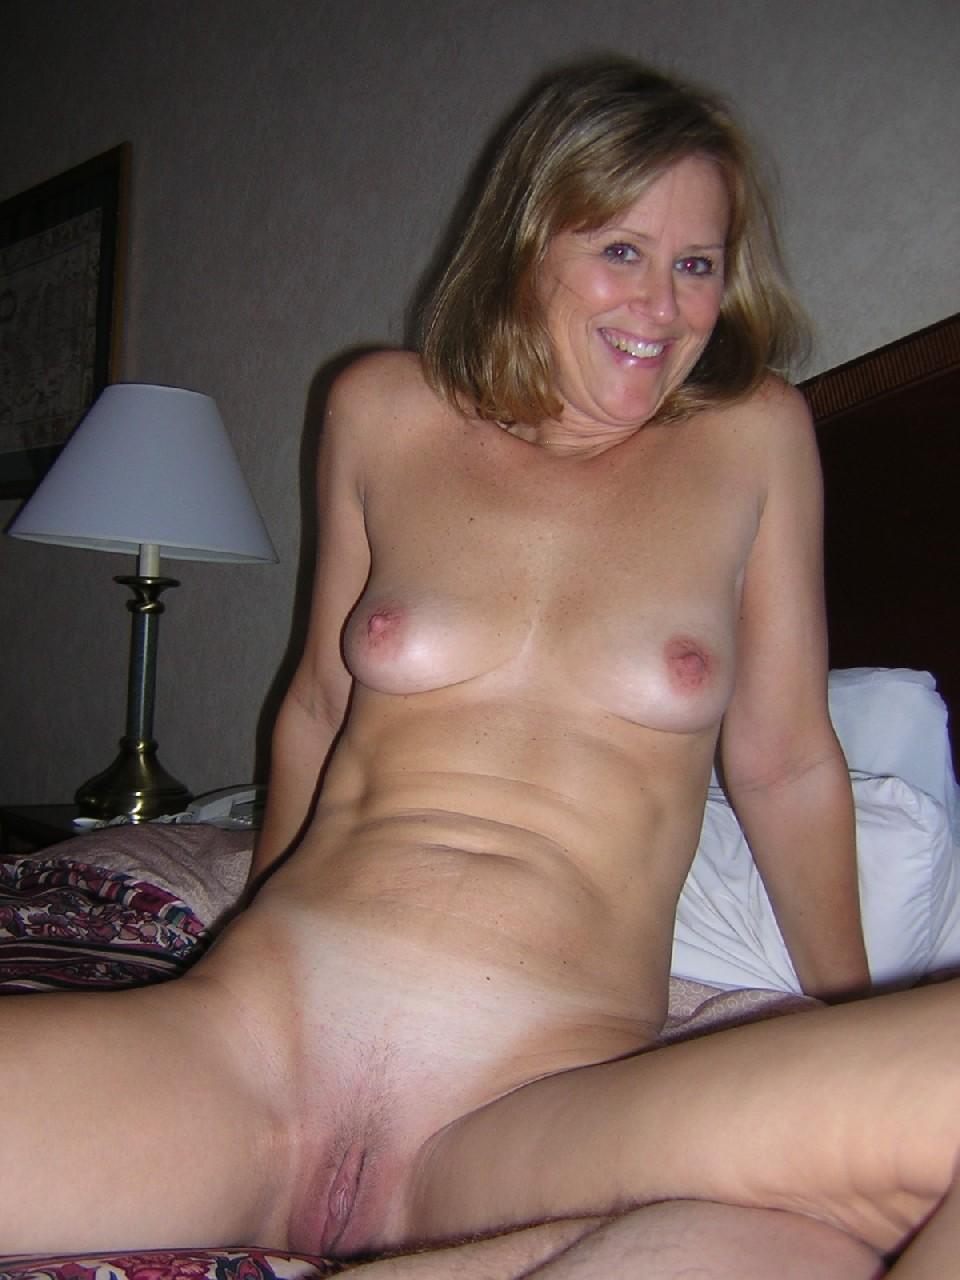 Hot Women Posing Nude